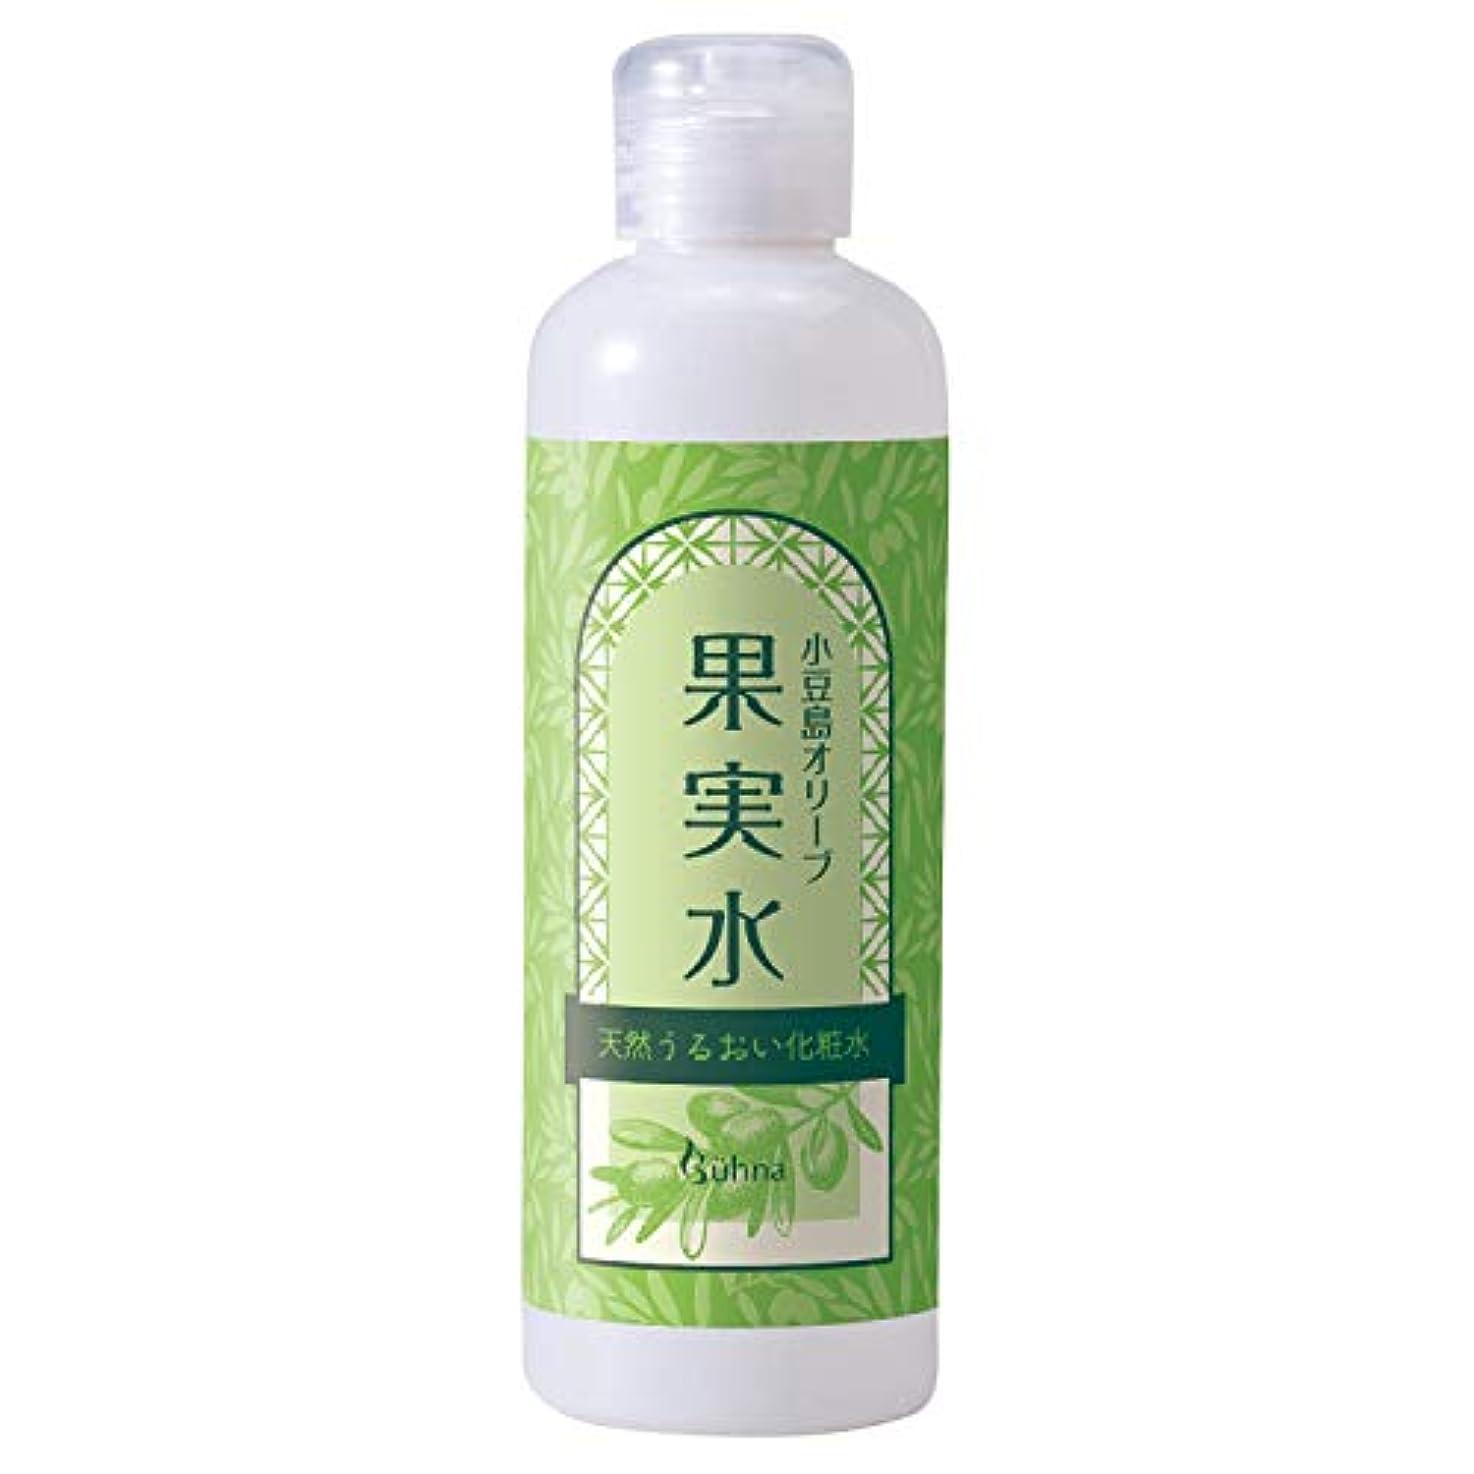 合図スラダム葉を拾うビューナ 小豆島オリーブ果実水 化粧水 保湿 オリーブオイル 無着色